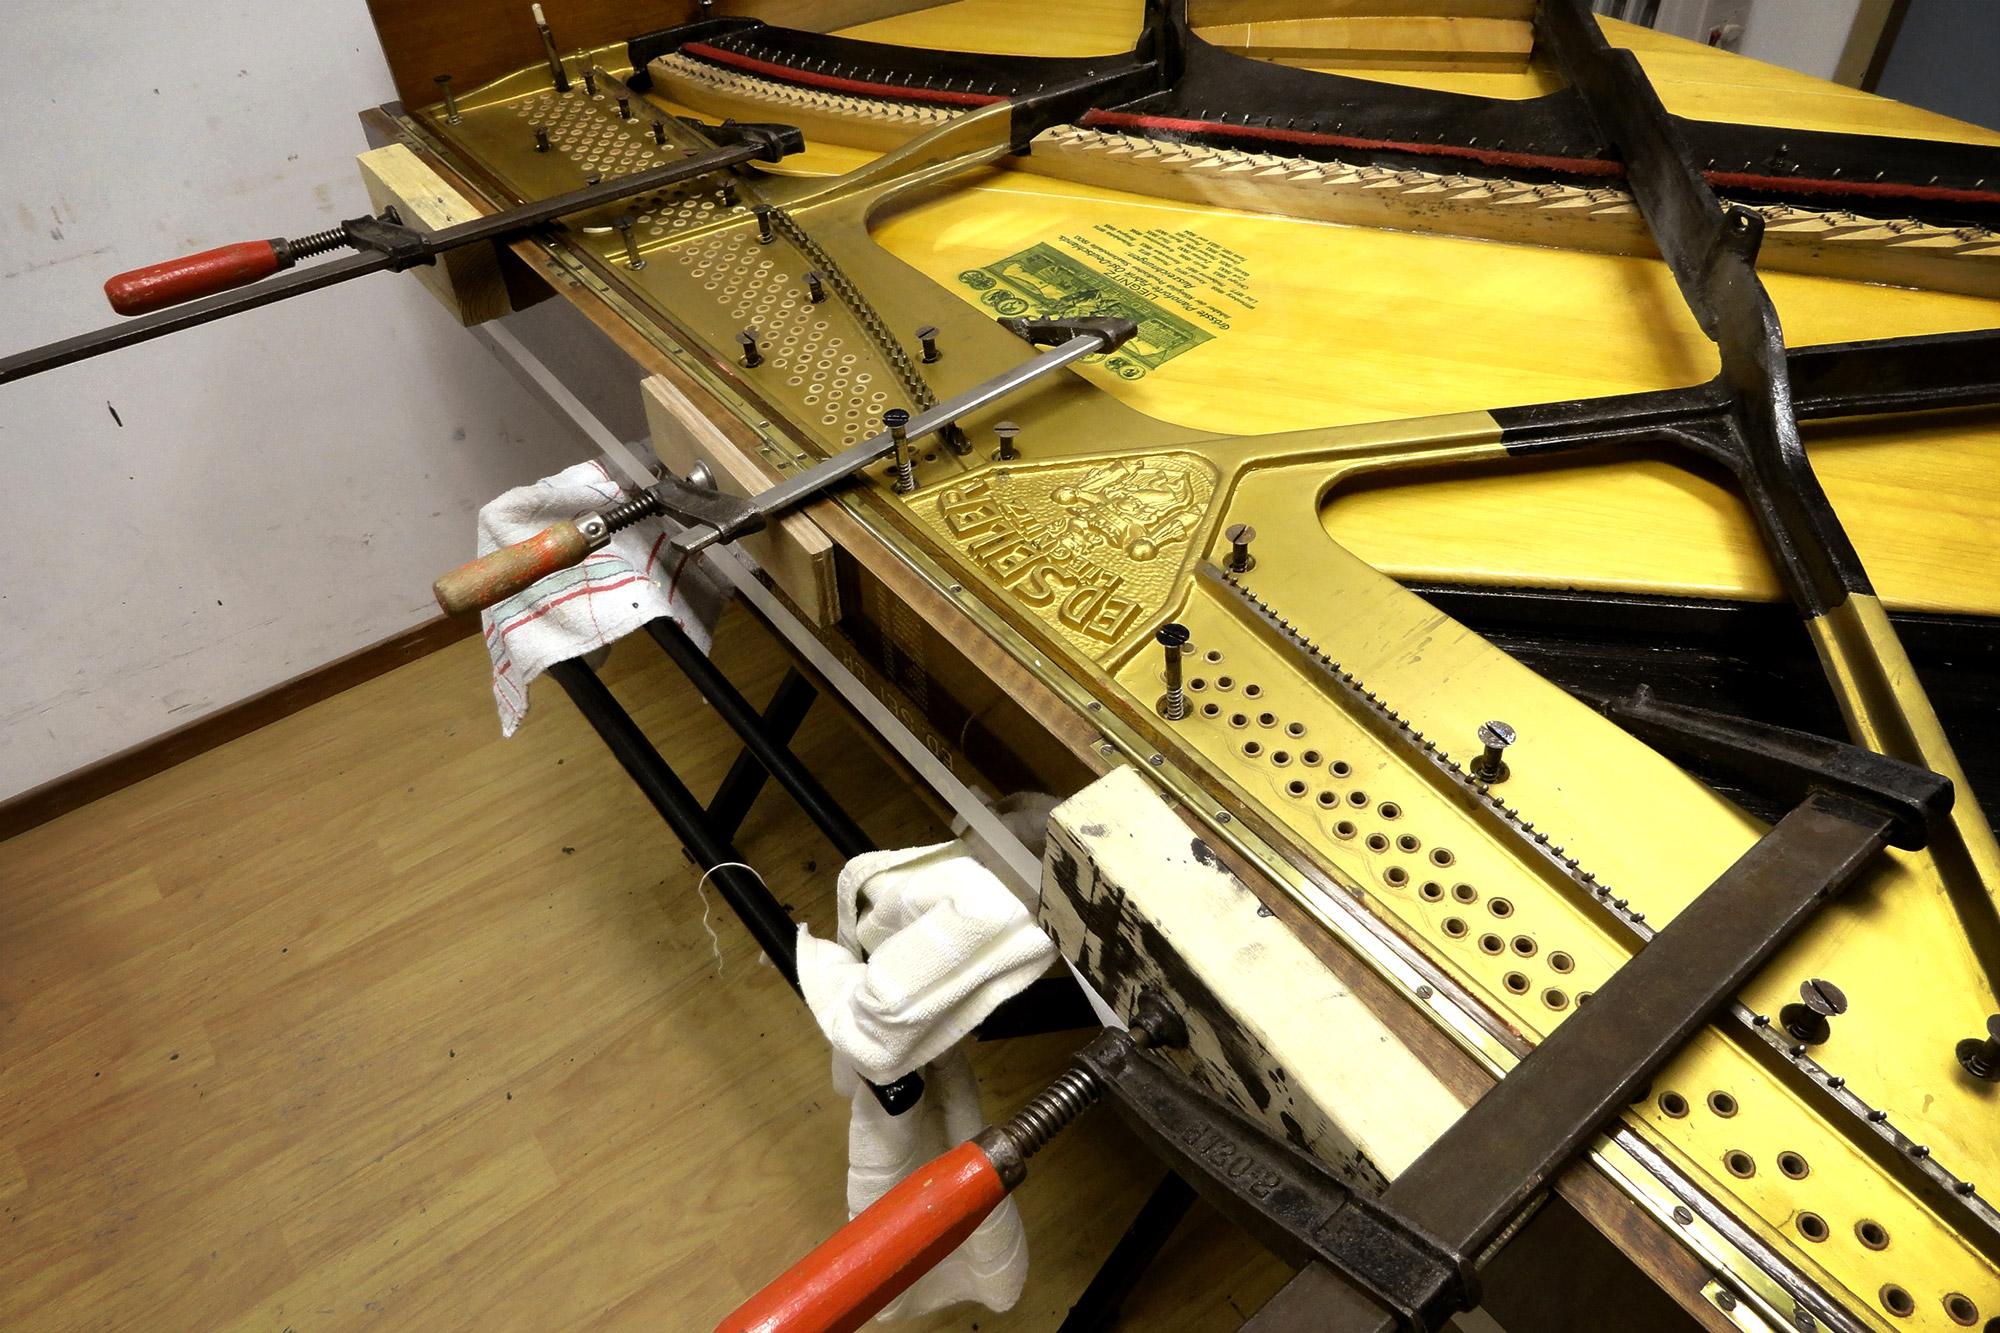 piano-reparatie-restauratie-techniek-14